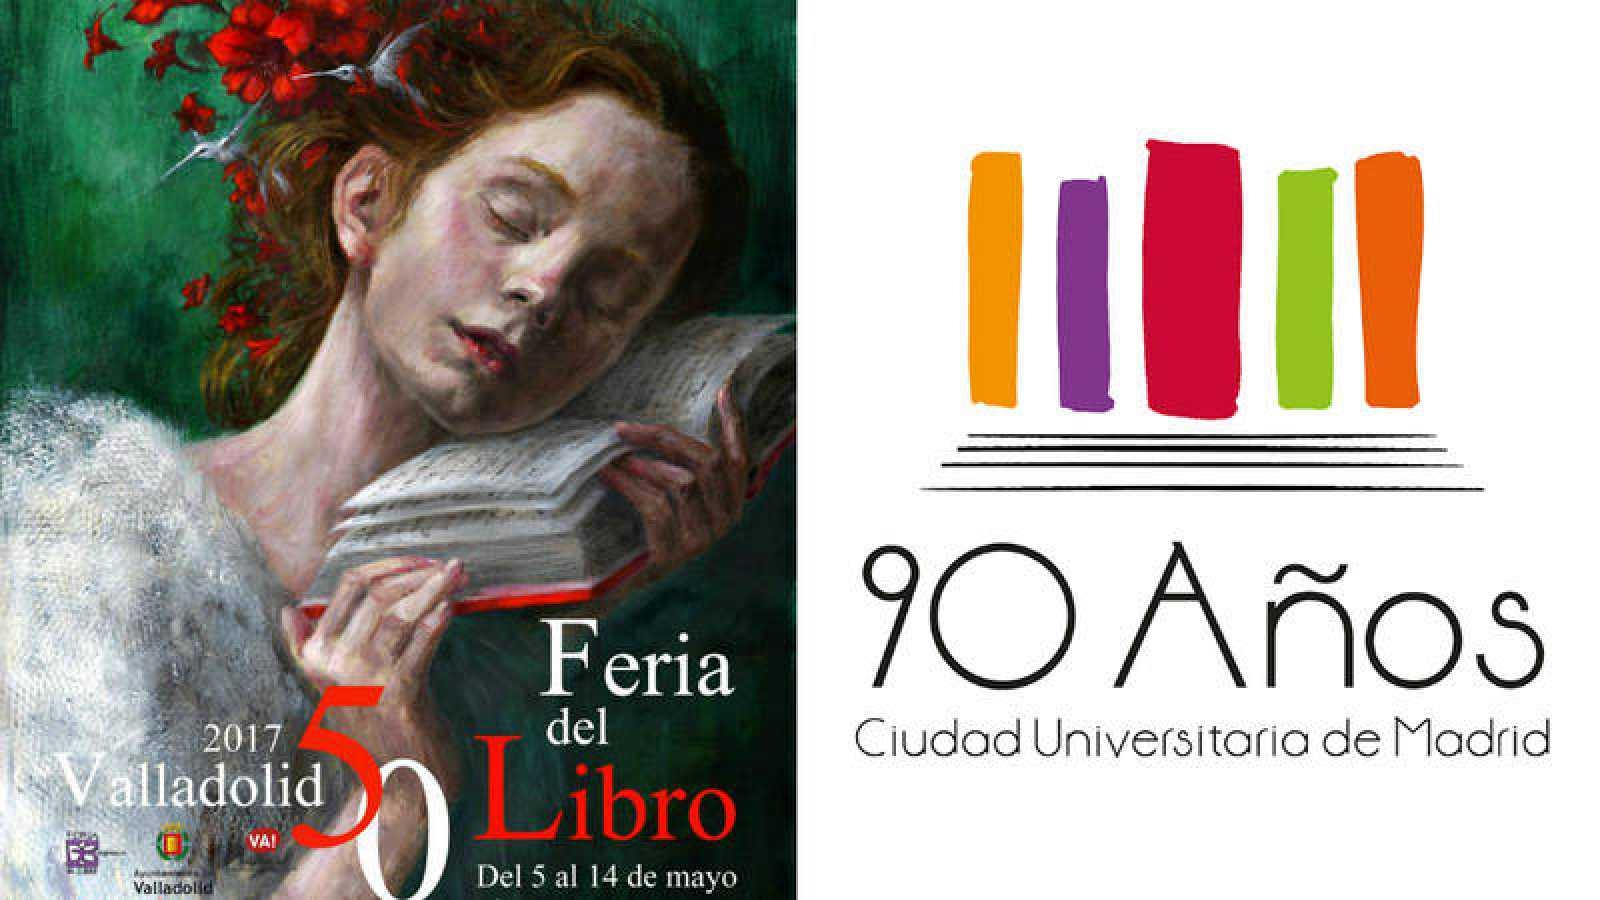 Feria del Libro de Valladolid y Universidad Complutense de Madrid